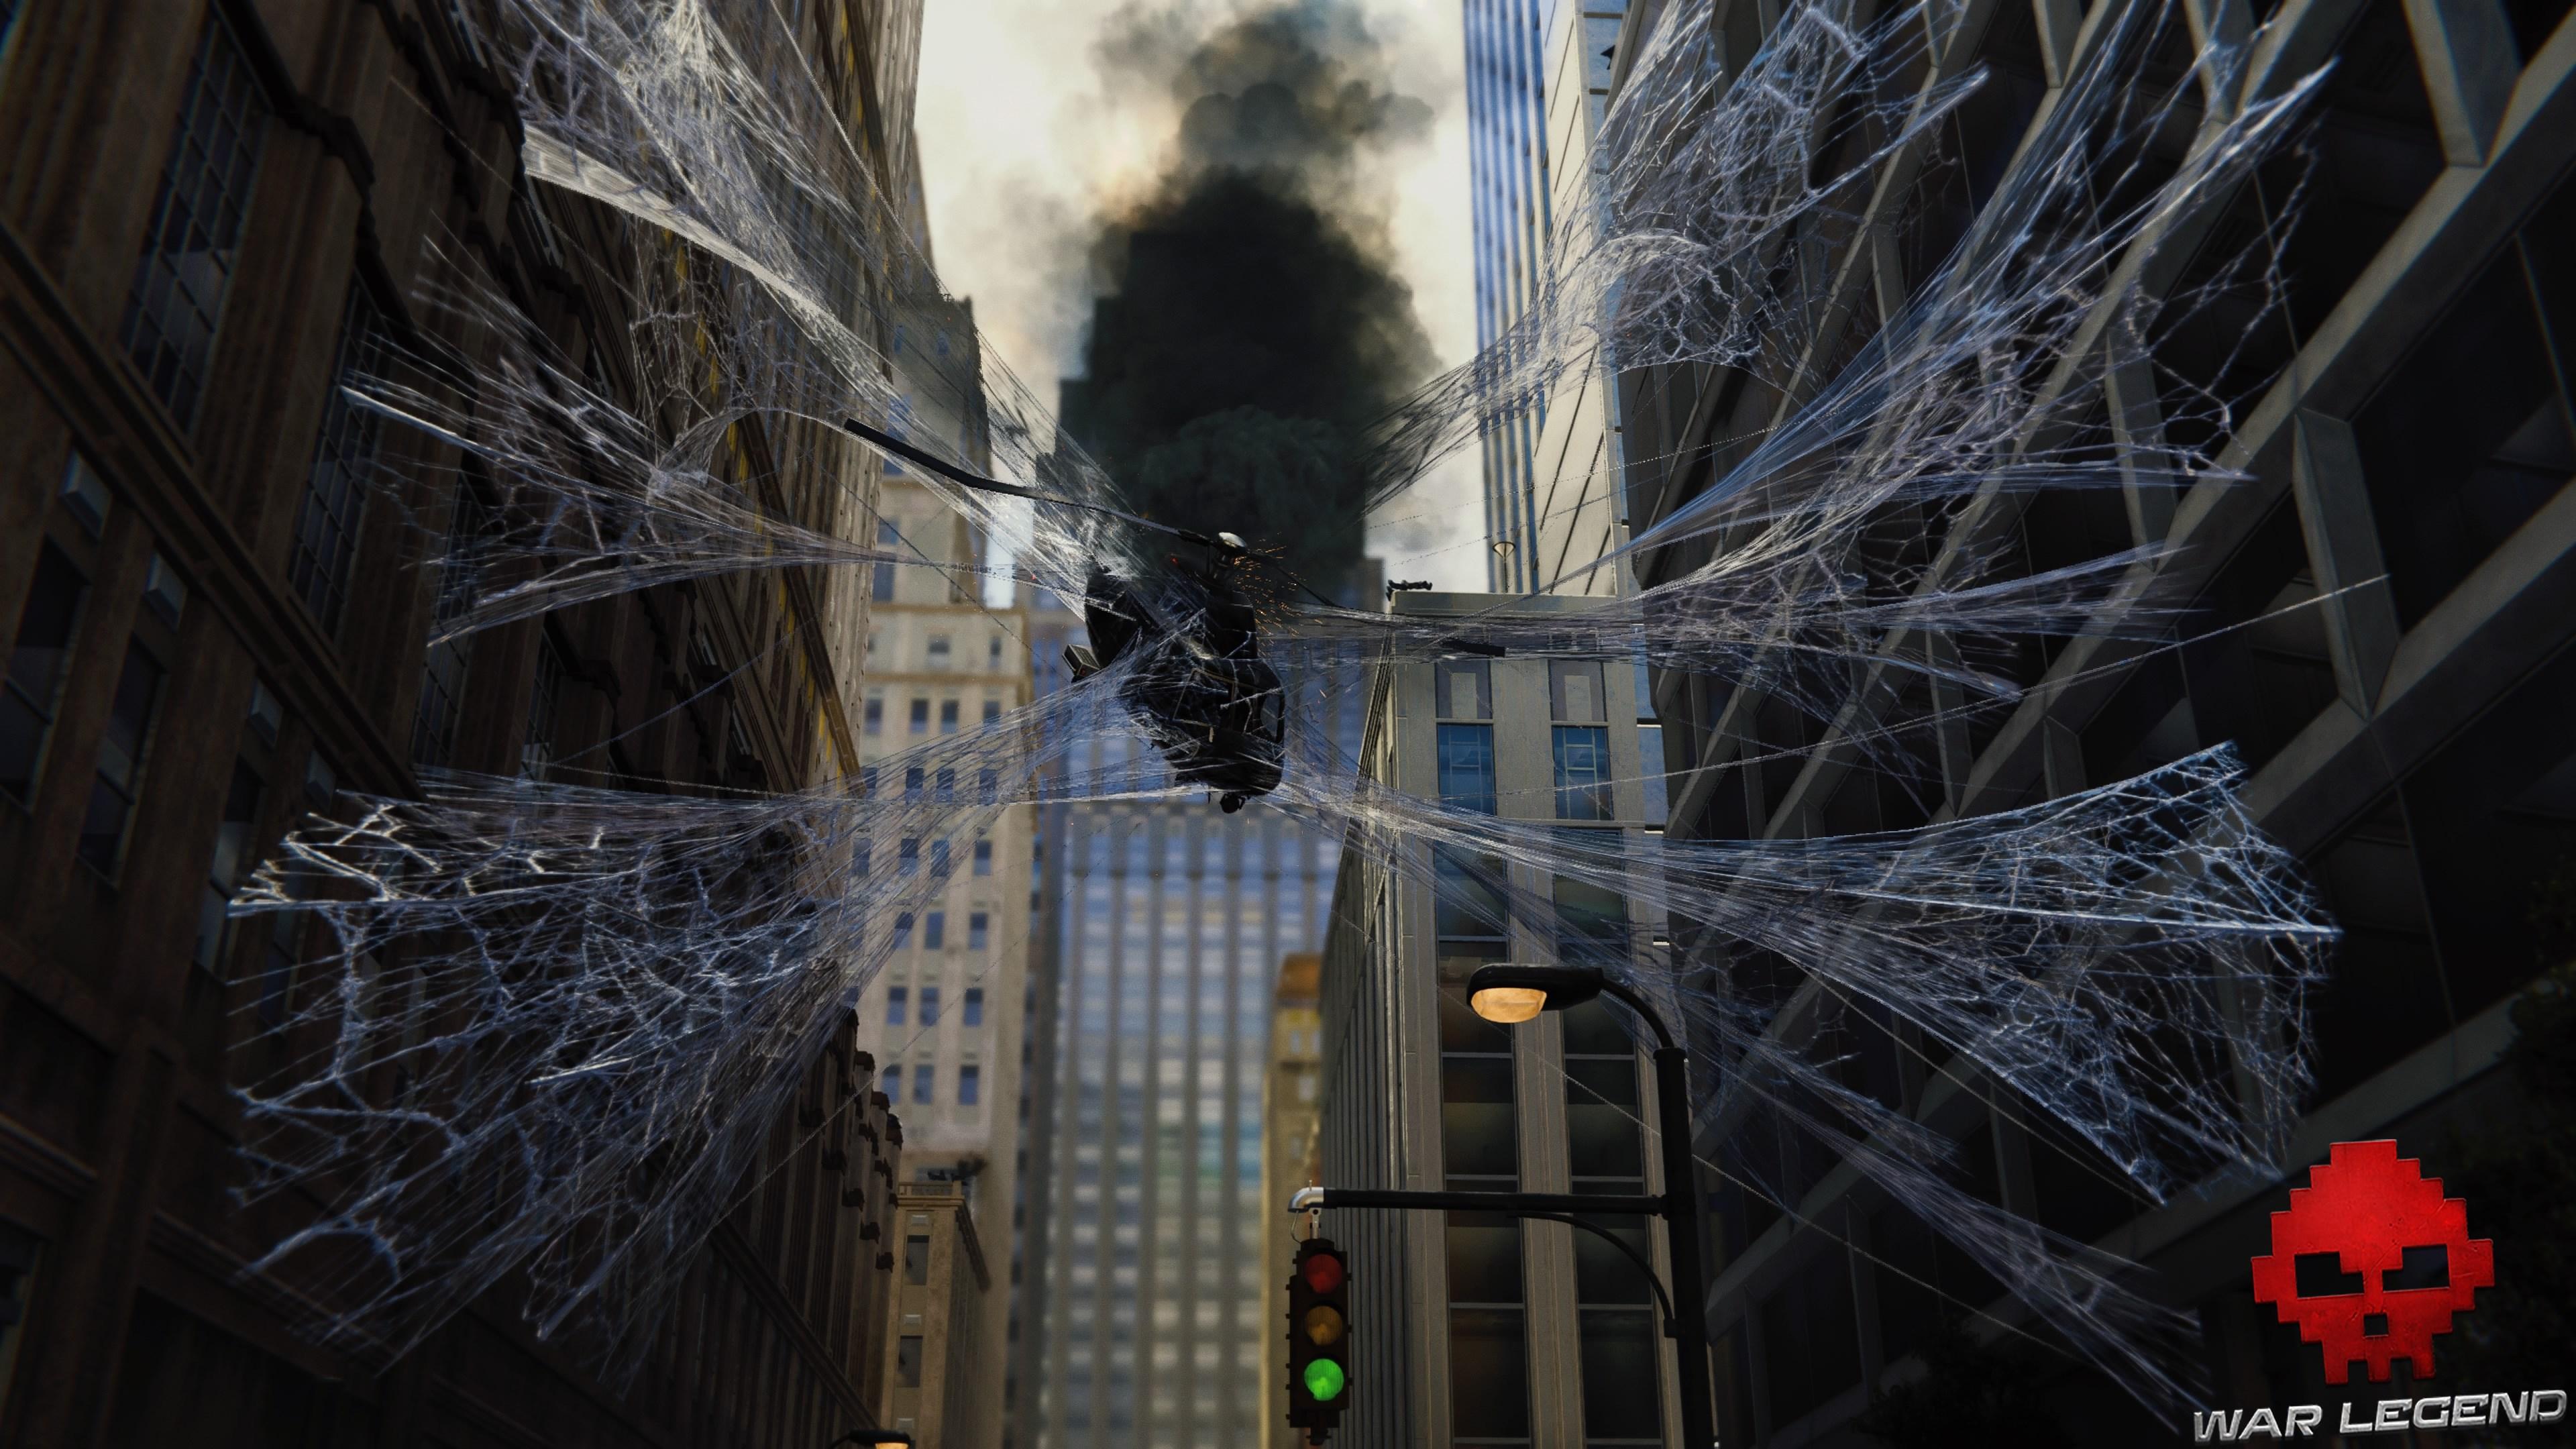 Vignette solution spider-man le feu aux poudres l'hélicoptère est piégé